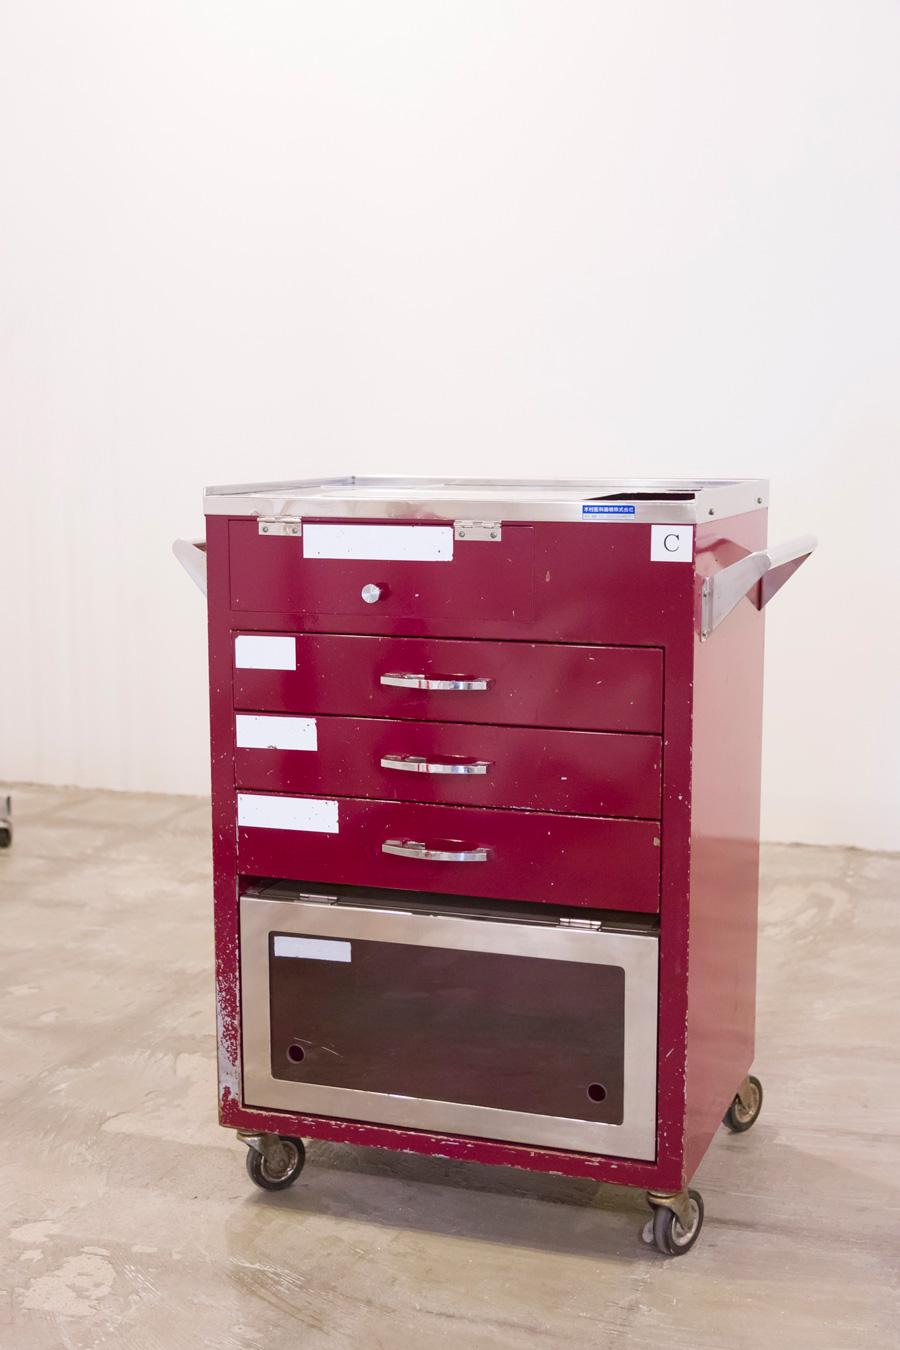 [HOSPITAL WAGONの材料] 病院の移転に伴い廃棄されたモノで、汎用性が低いため、リユース市場には出回らず、通常は金属としてリサイクルされる。